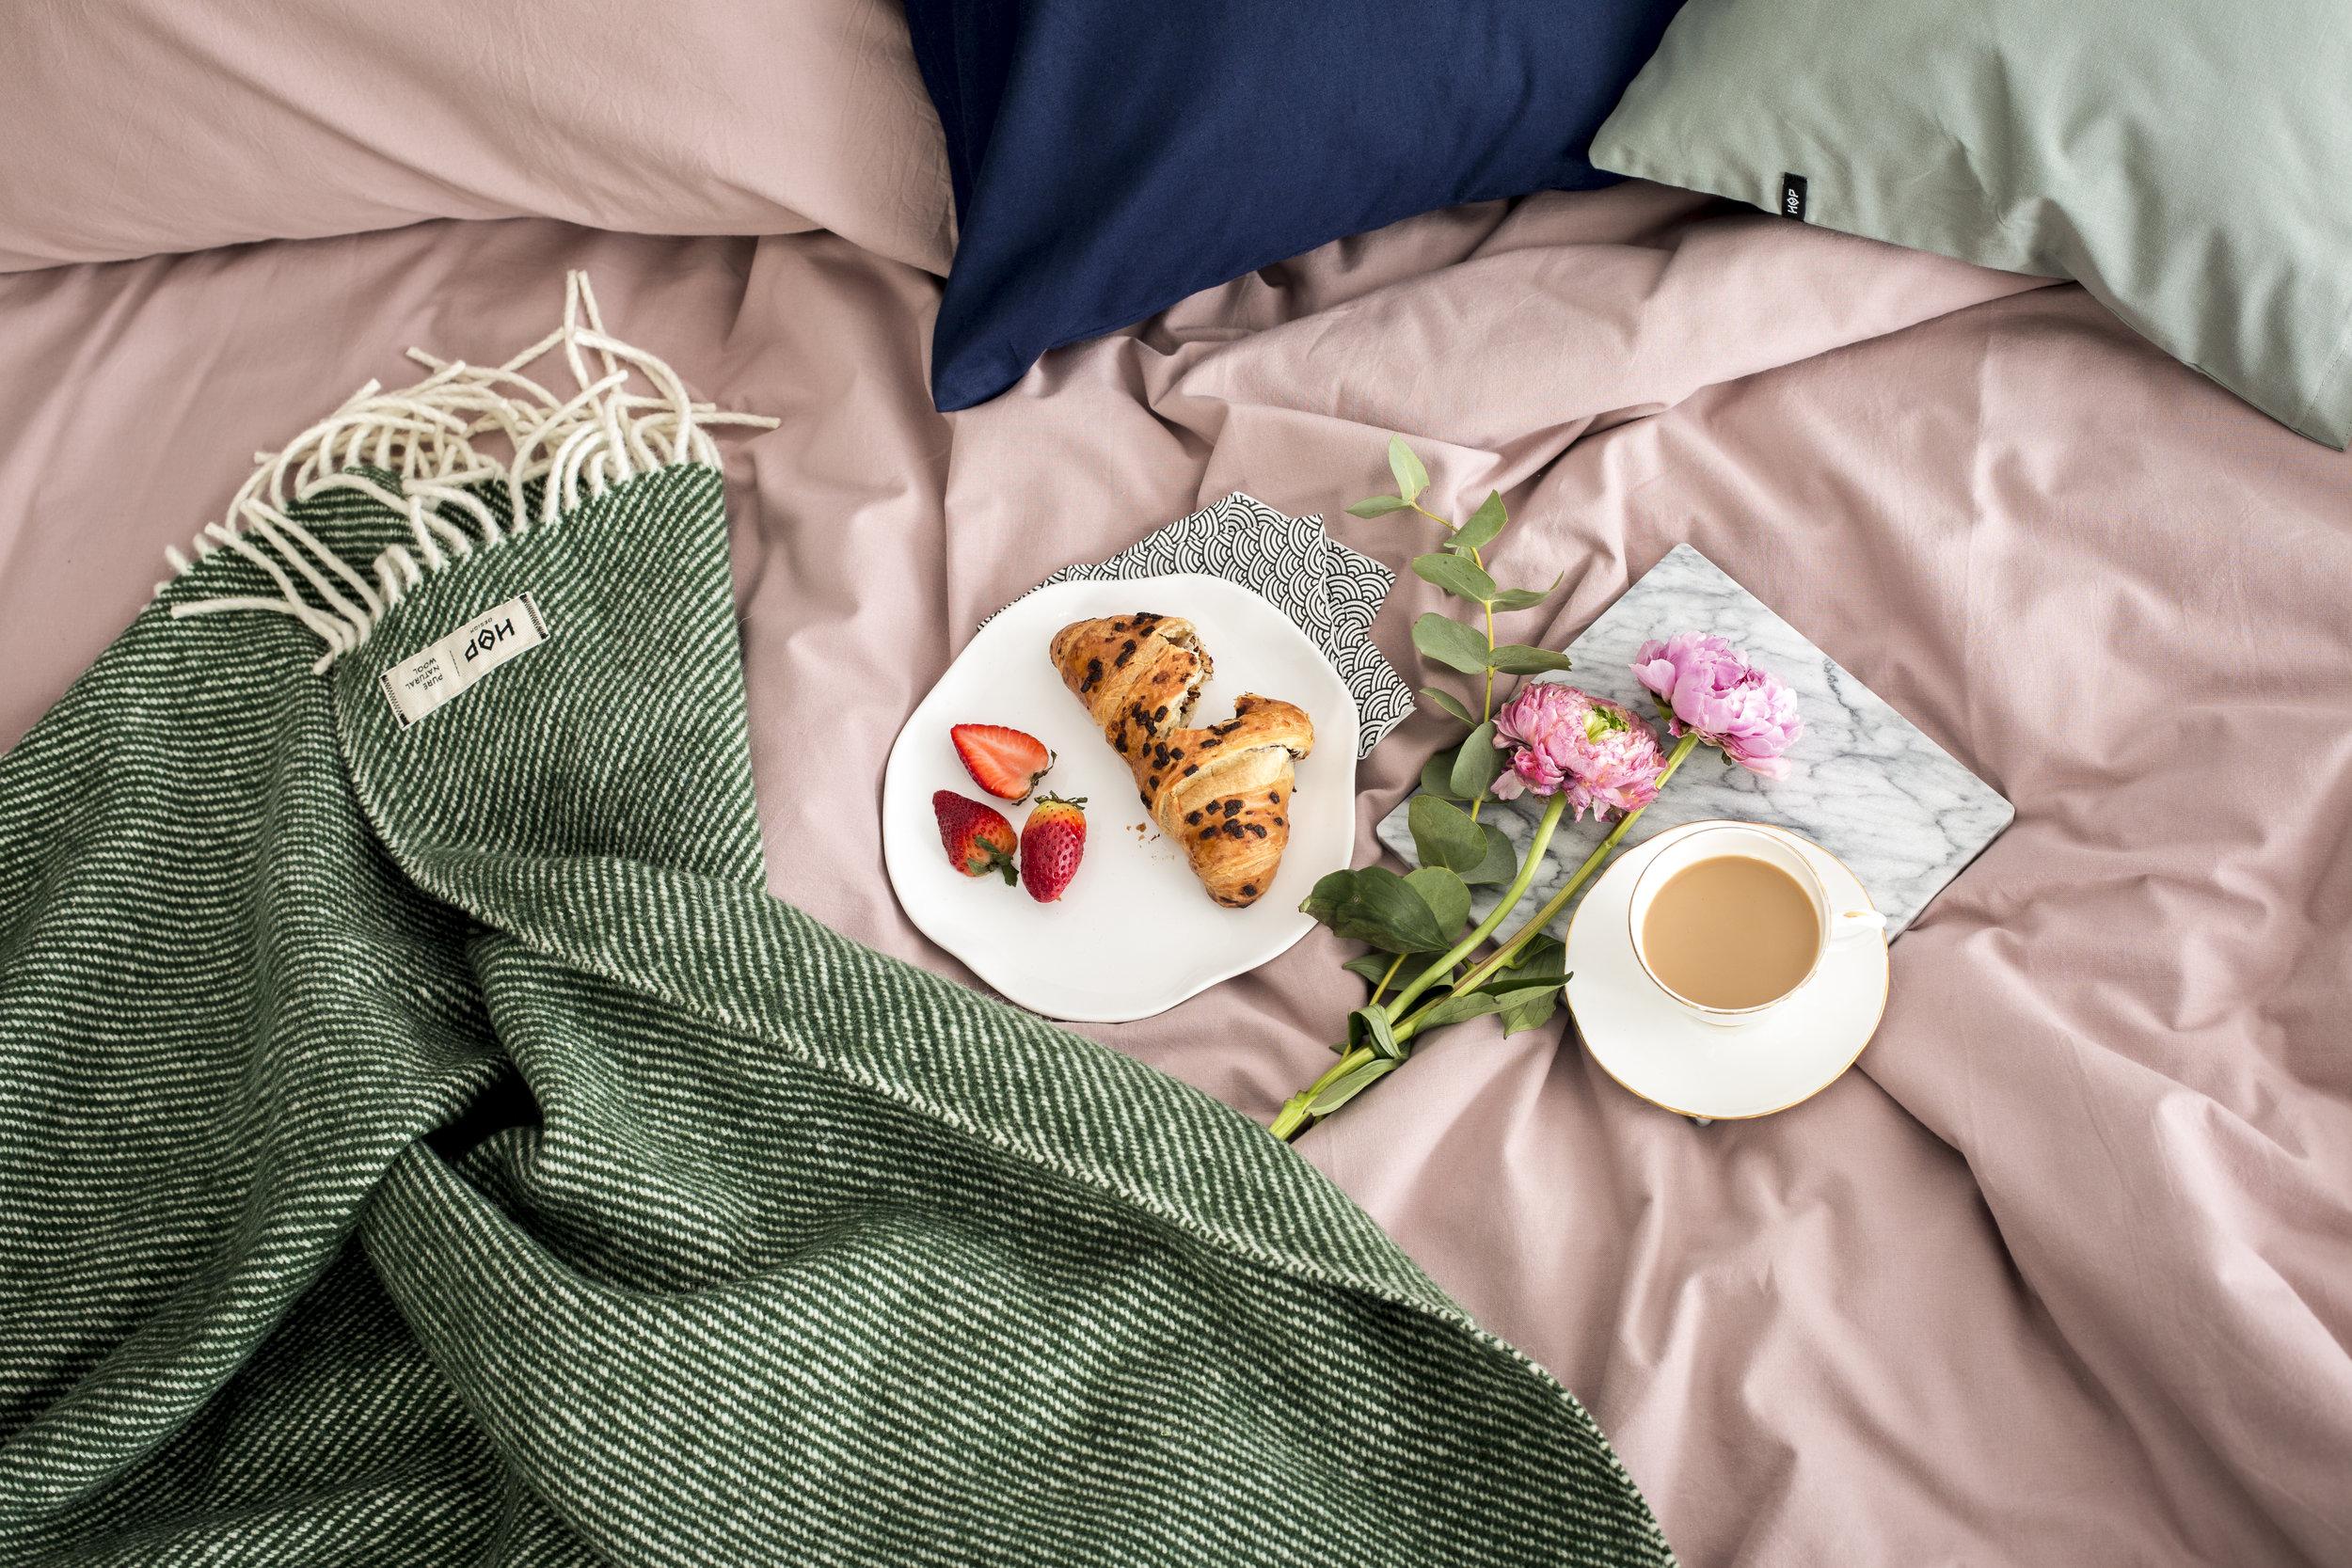 Feriefrokost hjemme: Det er viktig å unne seg noe godt og spise andre ting enn det du spiser til hverdags i hjemmeferien - det skaper feriefølelse.